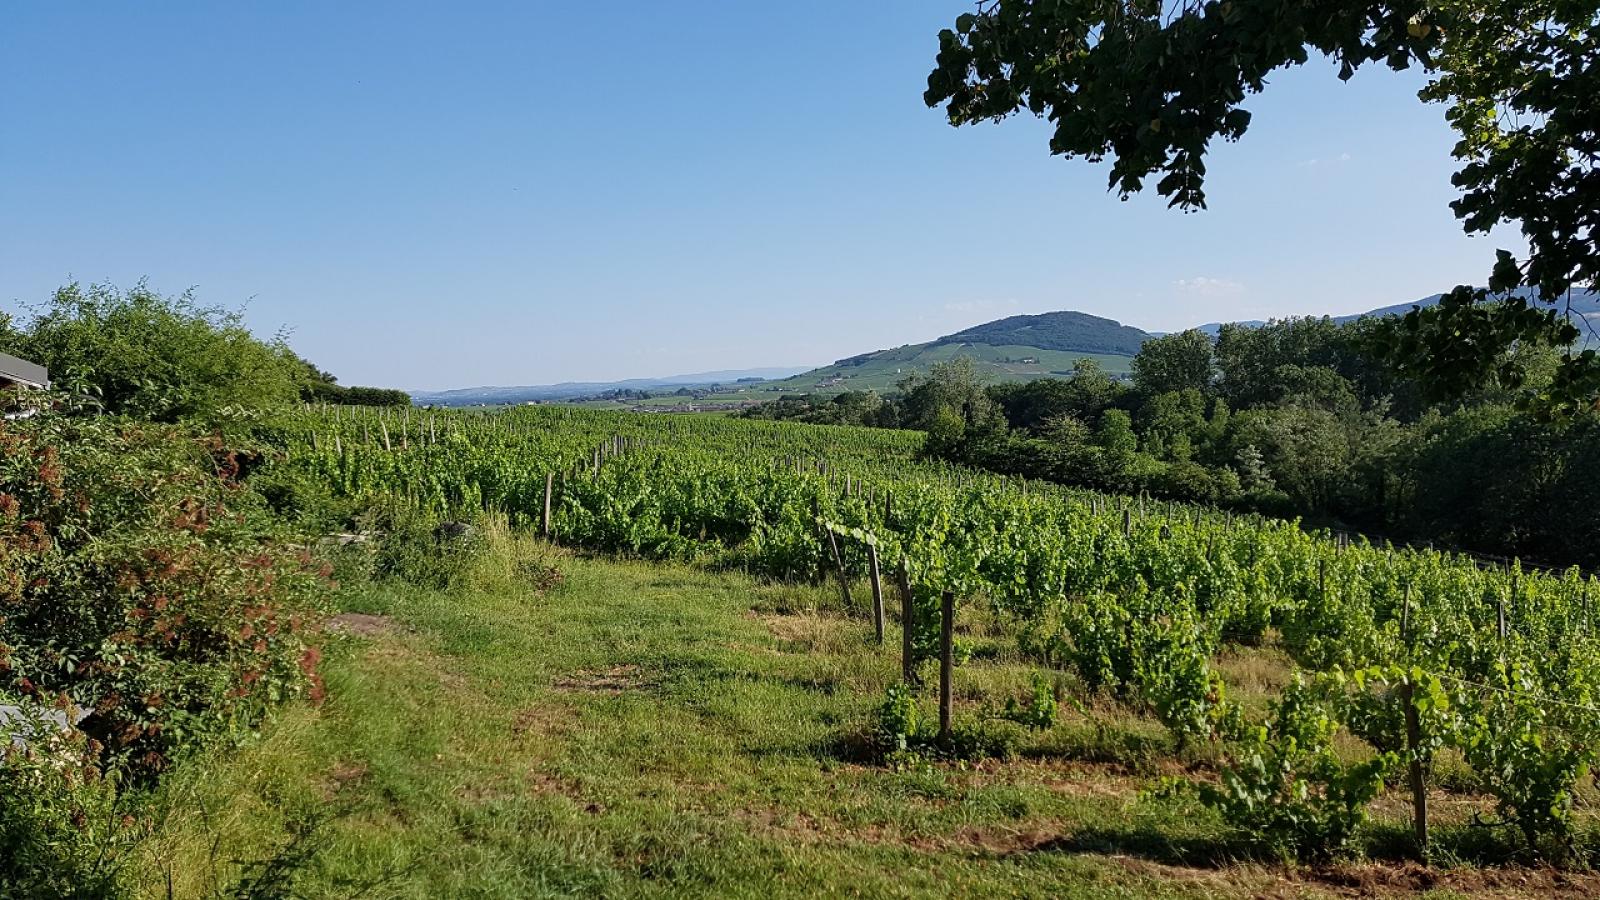 Chambres d'Hôtes 'Domaine aux 4 Temps' à Villié-Morgon (Rhône-Beaujolais) : en plein coeur des vignes.